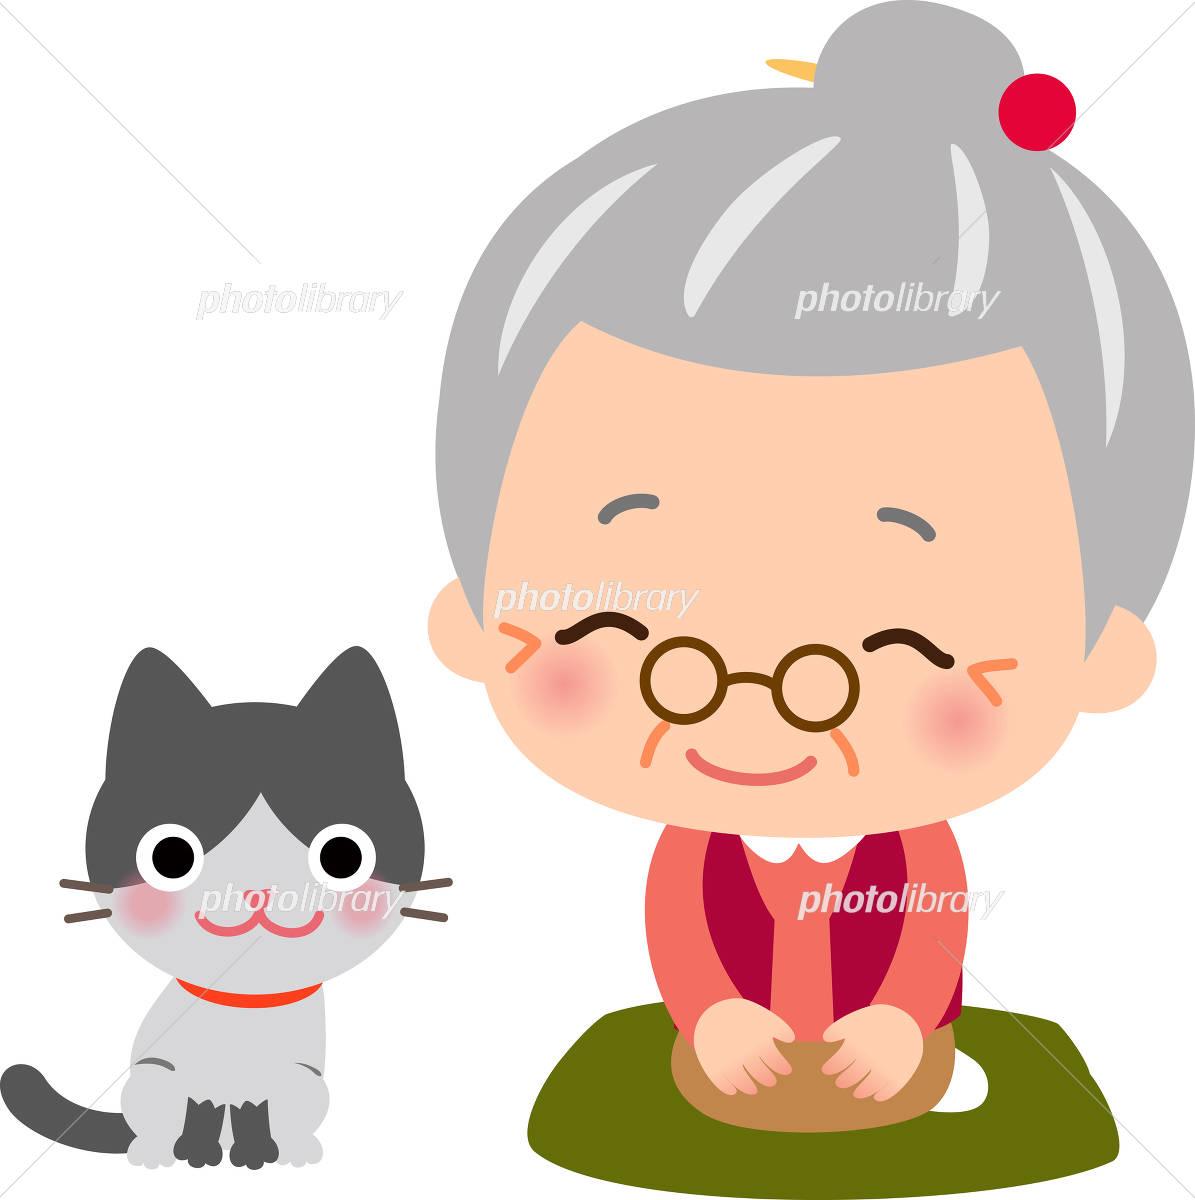 レトロなおばあちゃんのキャラクター イラスト素材 フォトライブラリー Photolibrary